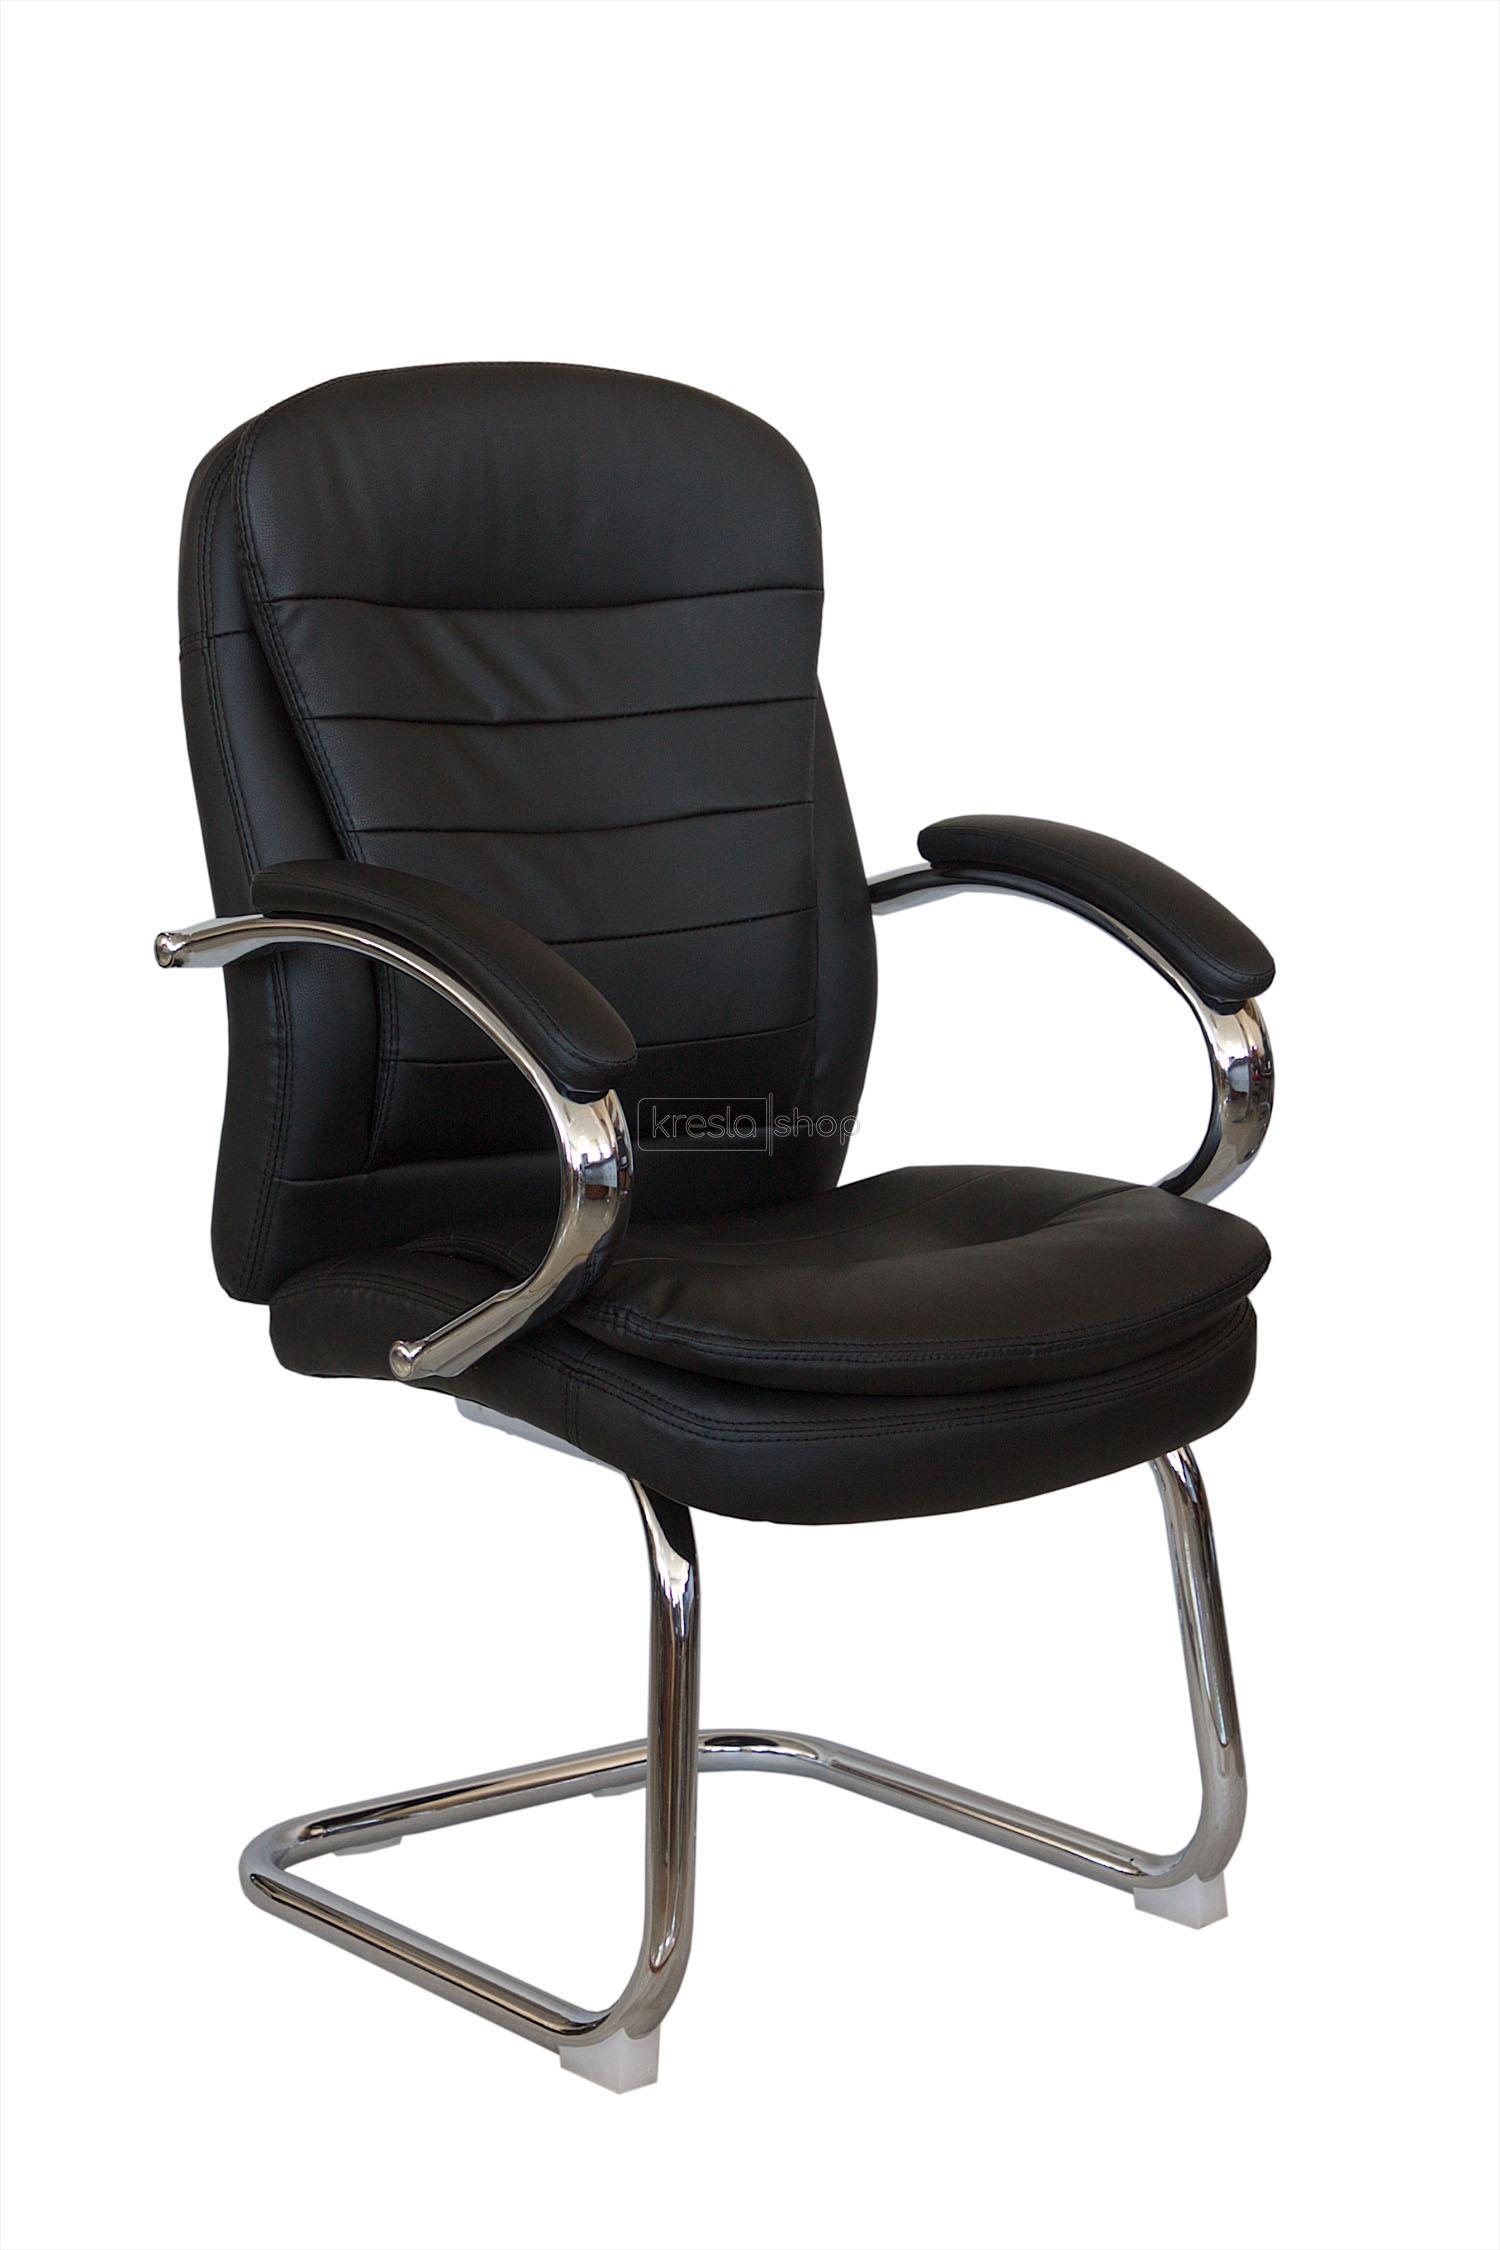 Купить конференц-кресло ? RIVA CHAIR RCH 9024-4+ЧЕРНЫЙ в Москве